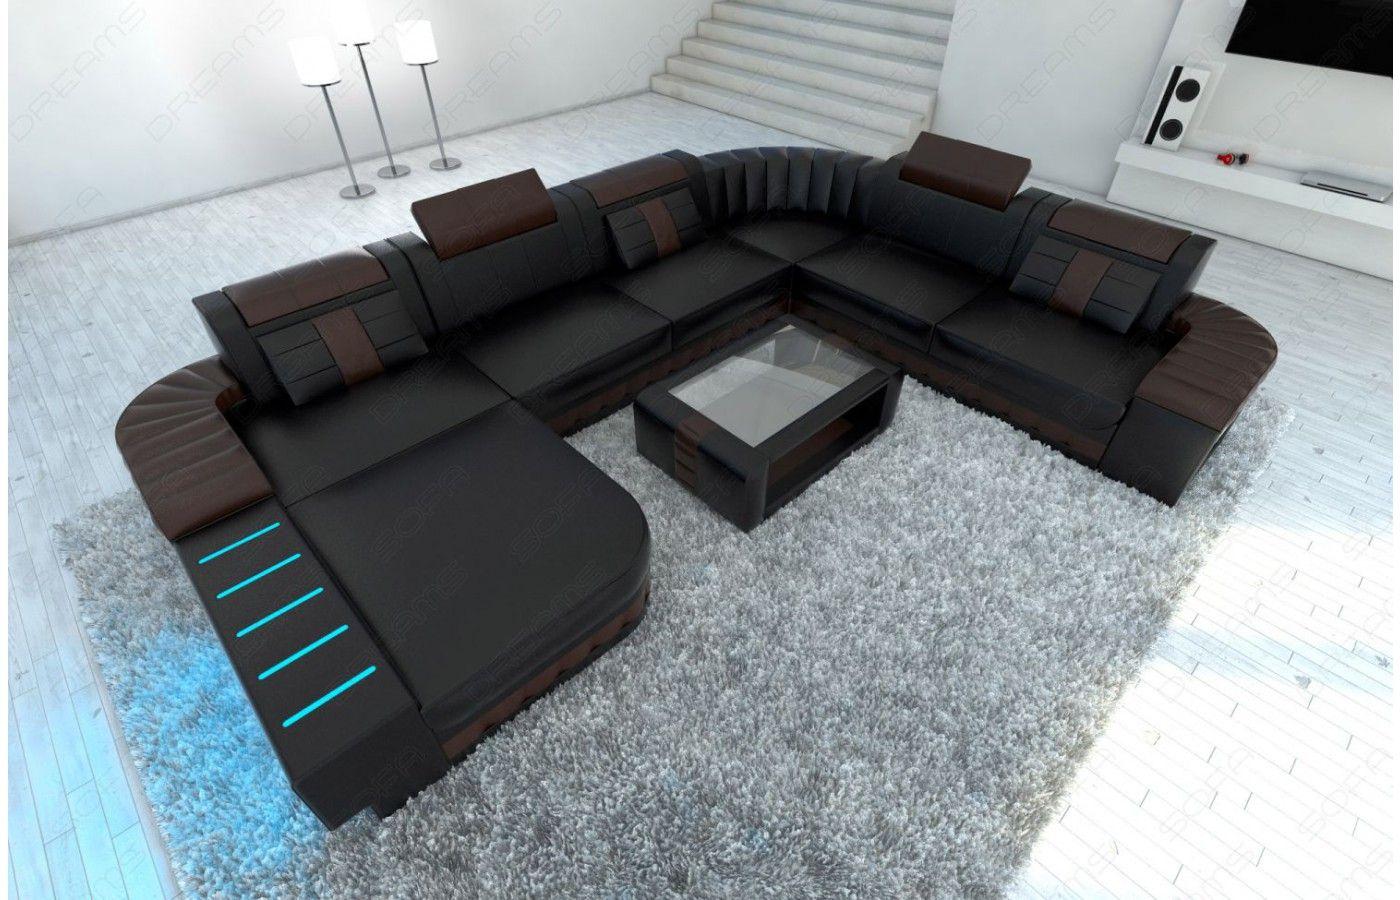 xxl wohnlandschaft bellagio leder wohnlandschaft bellagio xxl pinterest wohnlandschaft. Black Bedroom Furniture Sets. Home Design Ideas